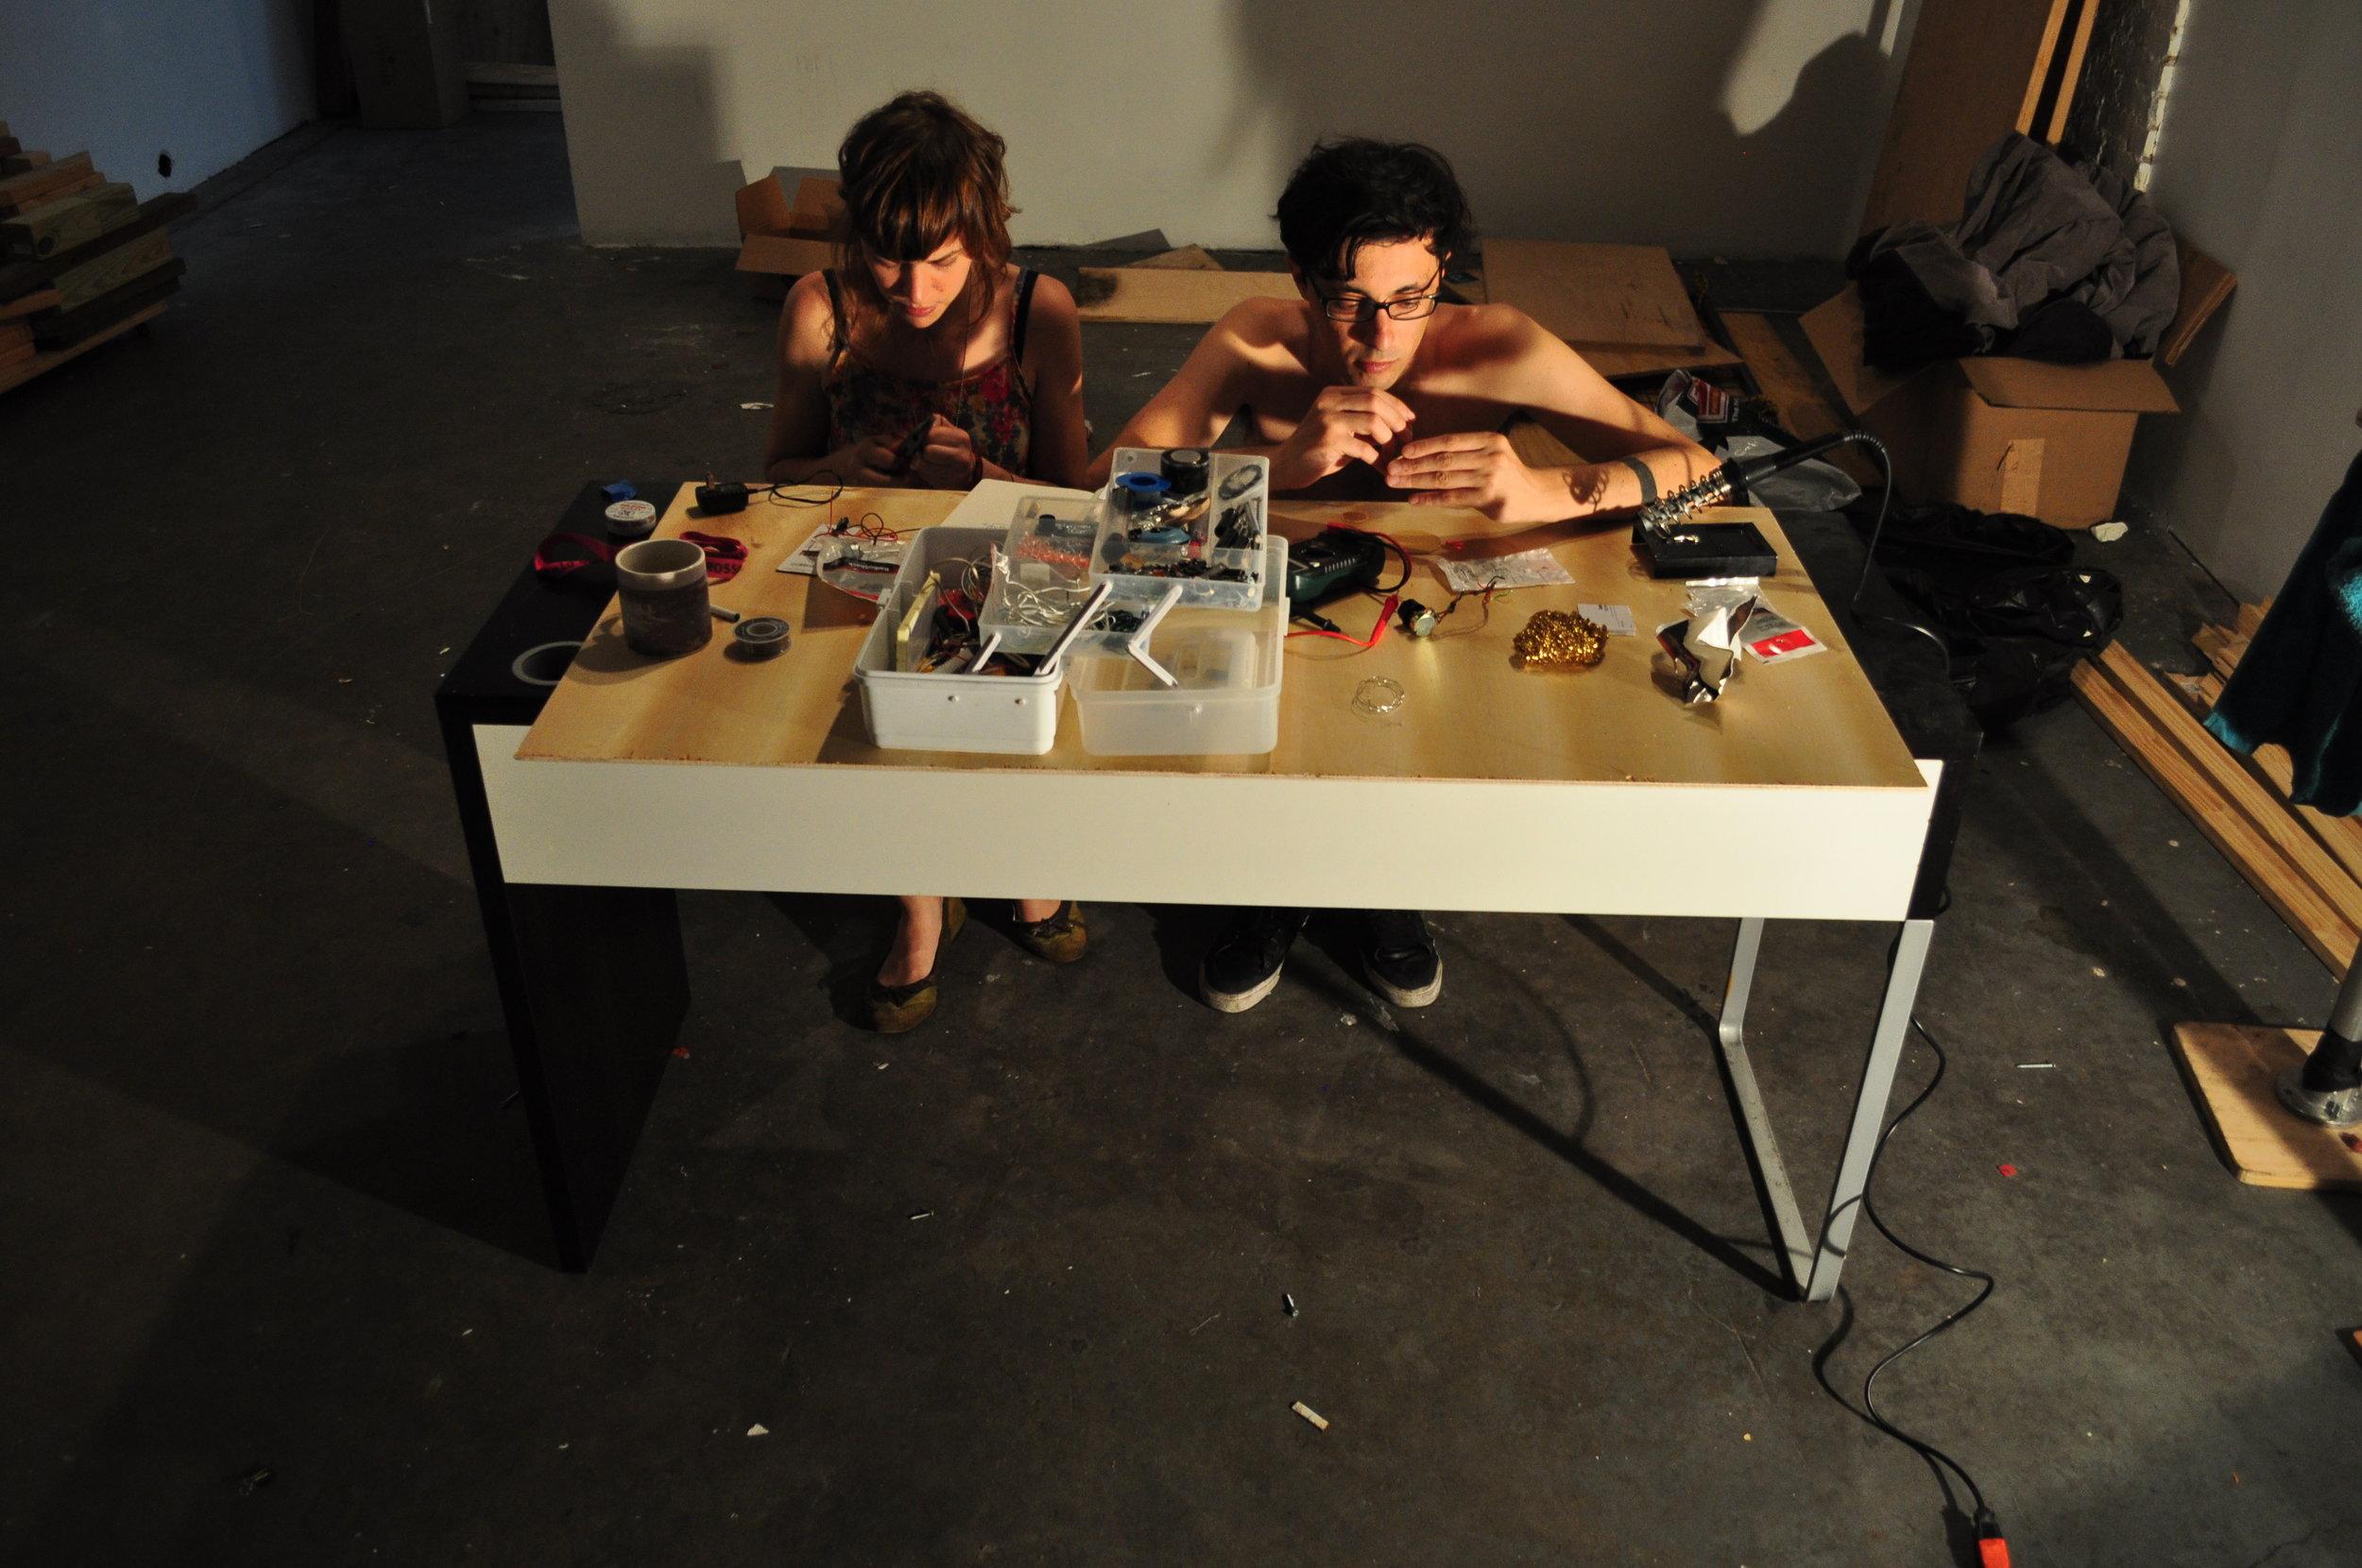 genesisproject2011_6538135229_o.jpg